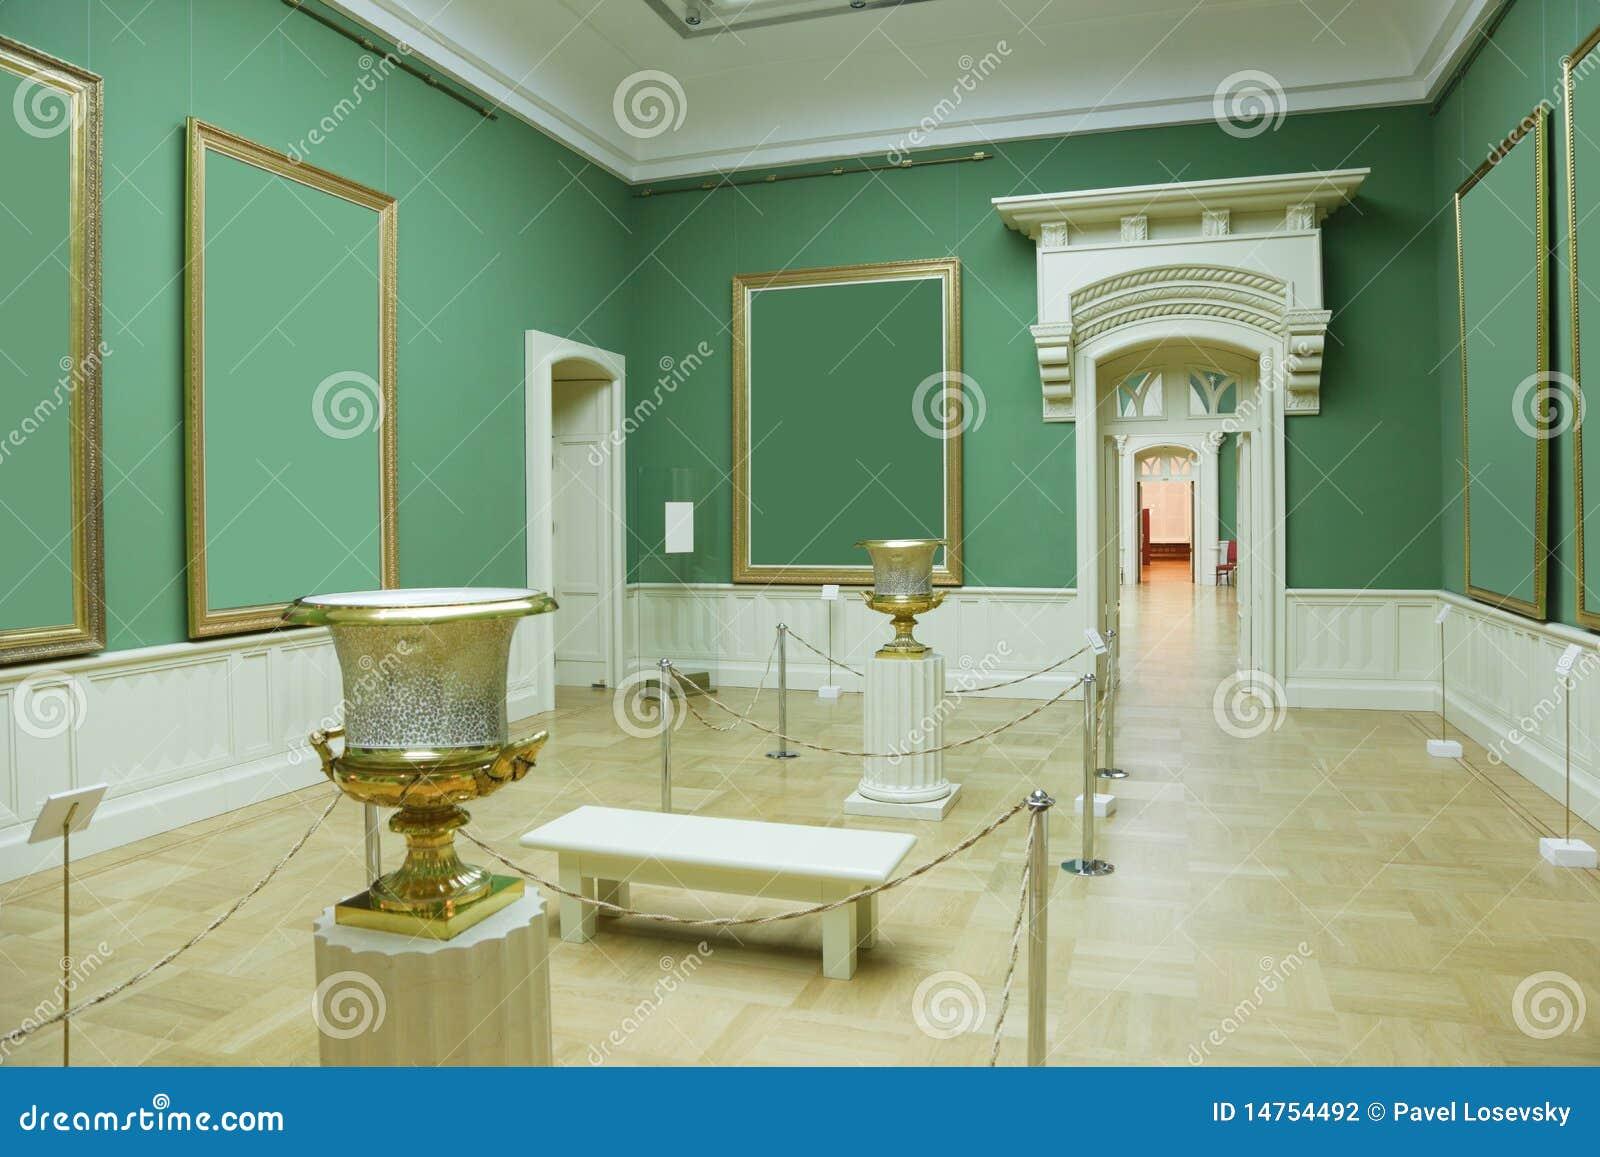 Cadres de tableau dans la chambre verte du mus e photographie stock image 14754492 for La chambre verte truffaut youtube